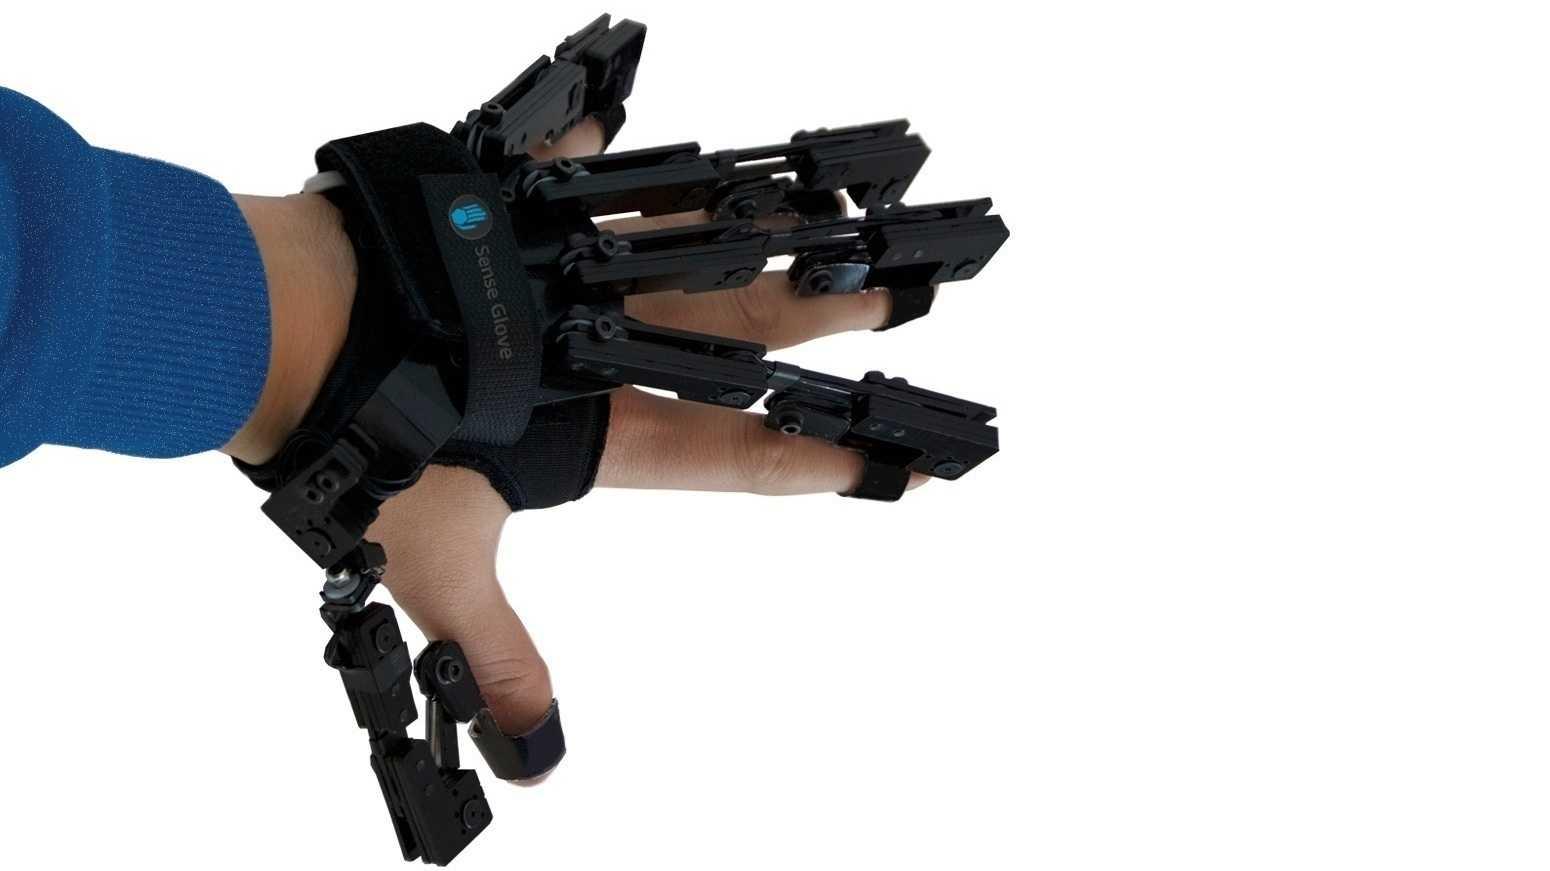 VR-Handschuh mit haptischem Feedback